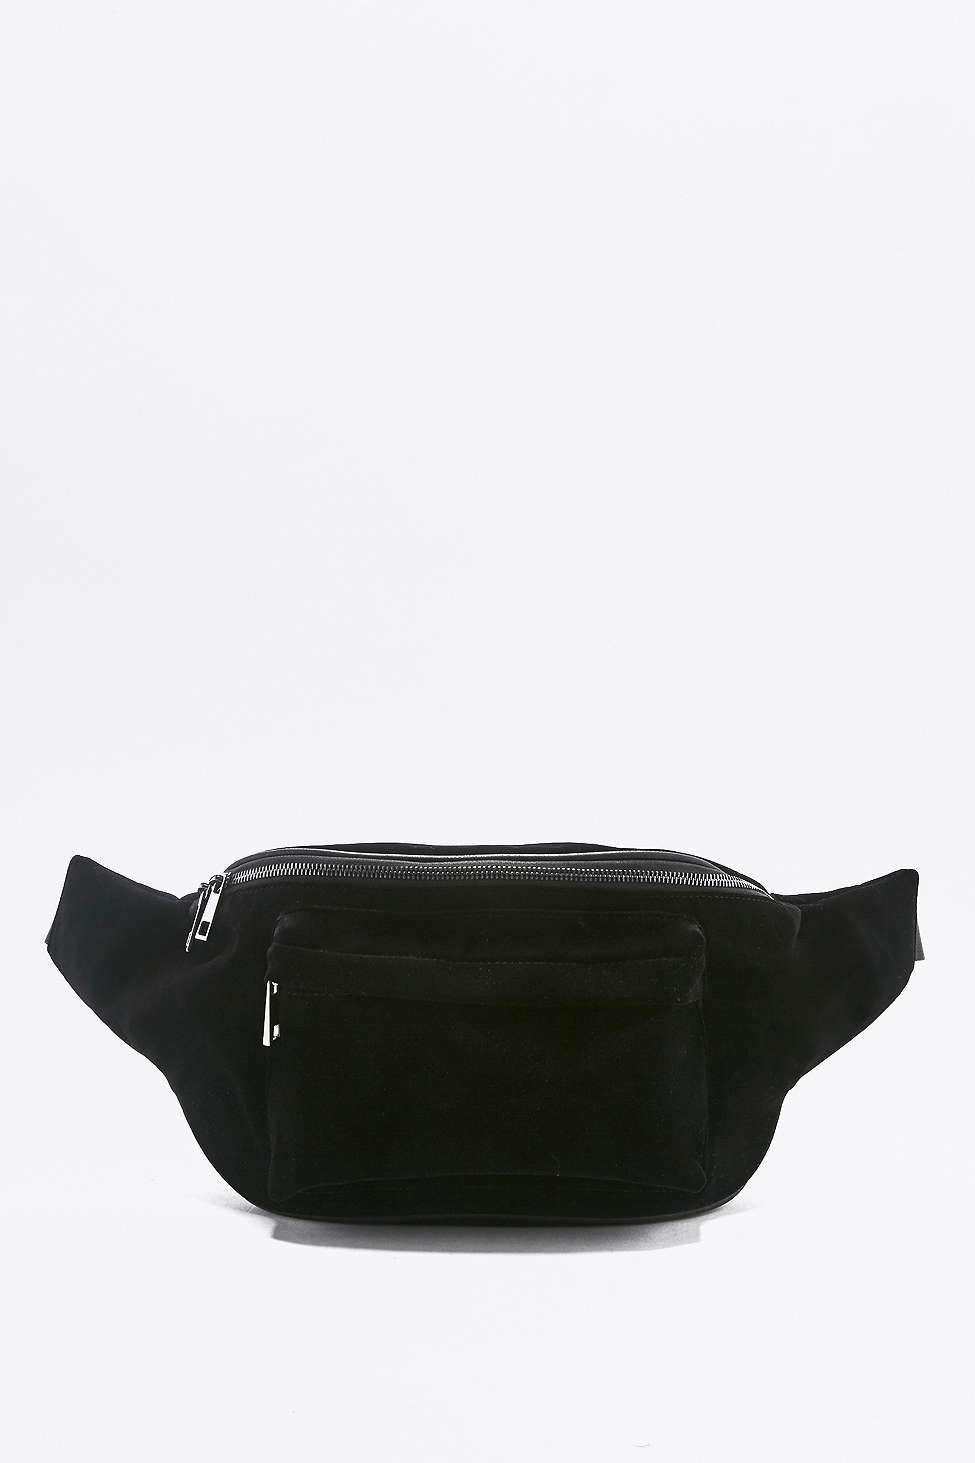 ec4d99ac4170 Black Velvet Oversized Cross-Body Bum Bag | Back to Uni | Bags, Bum ...